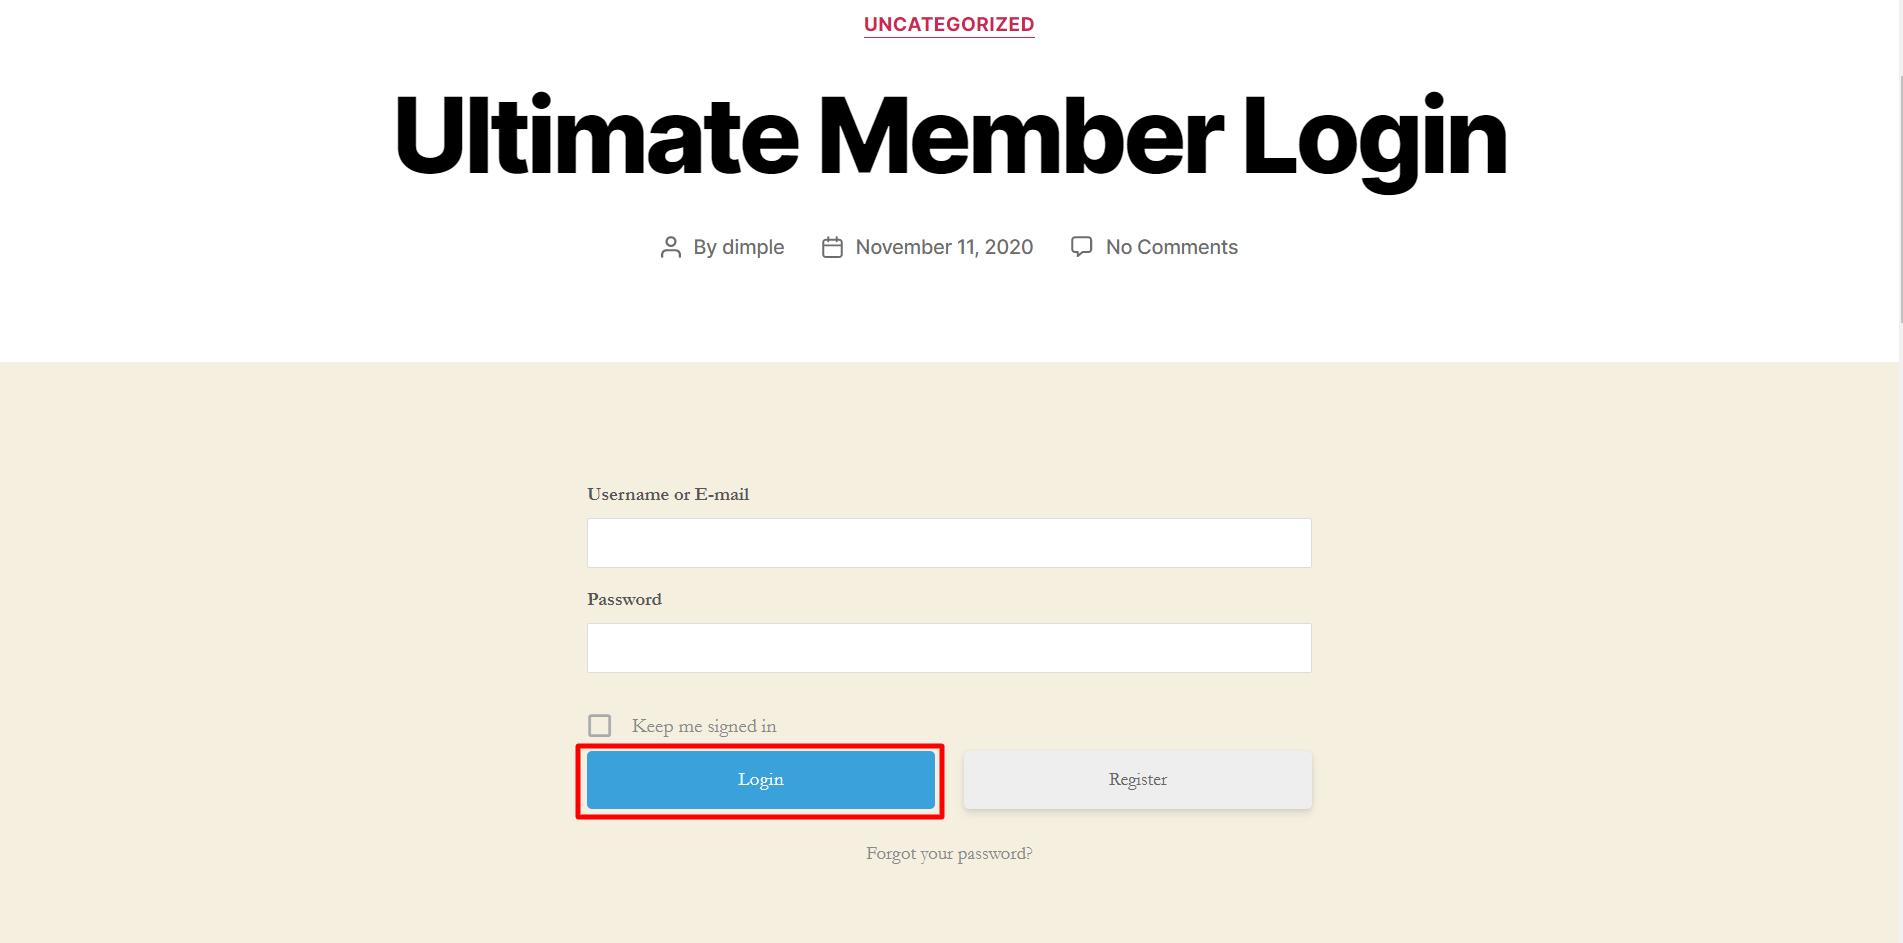 ultimate member login integration login page